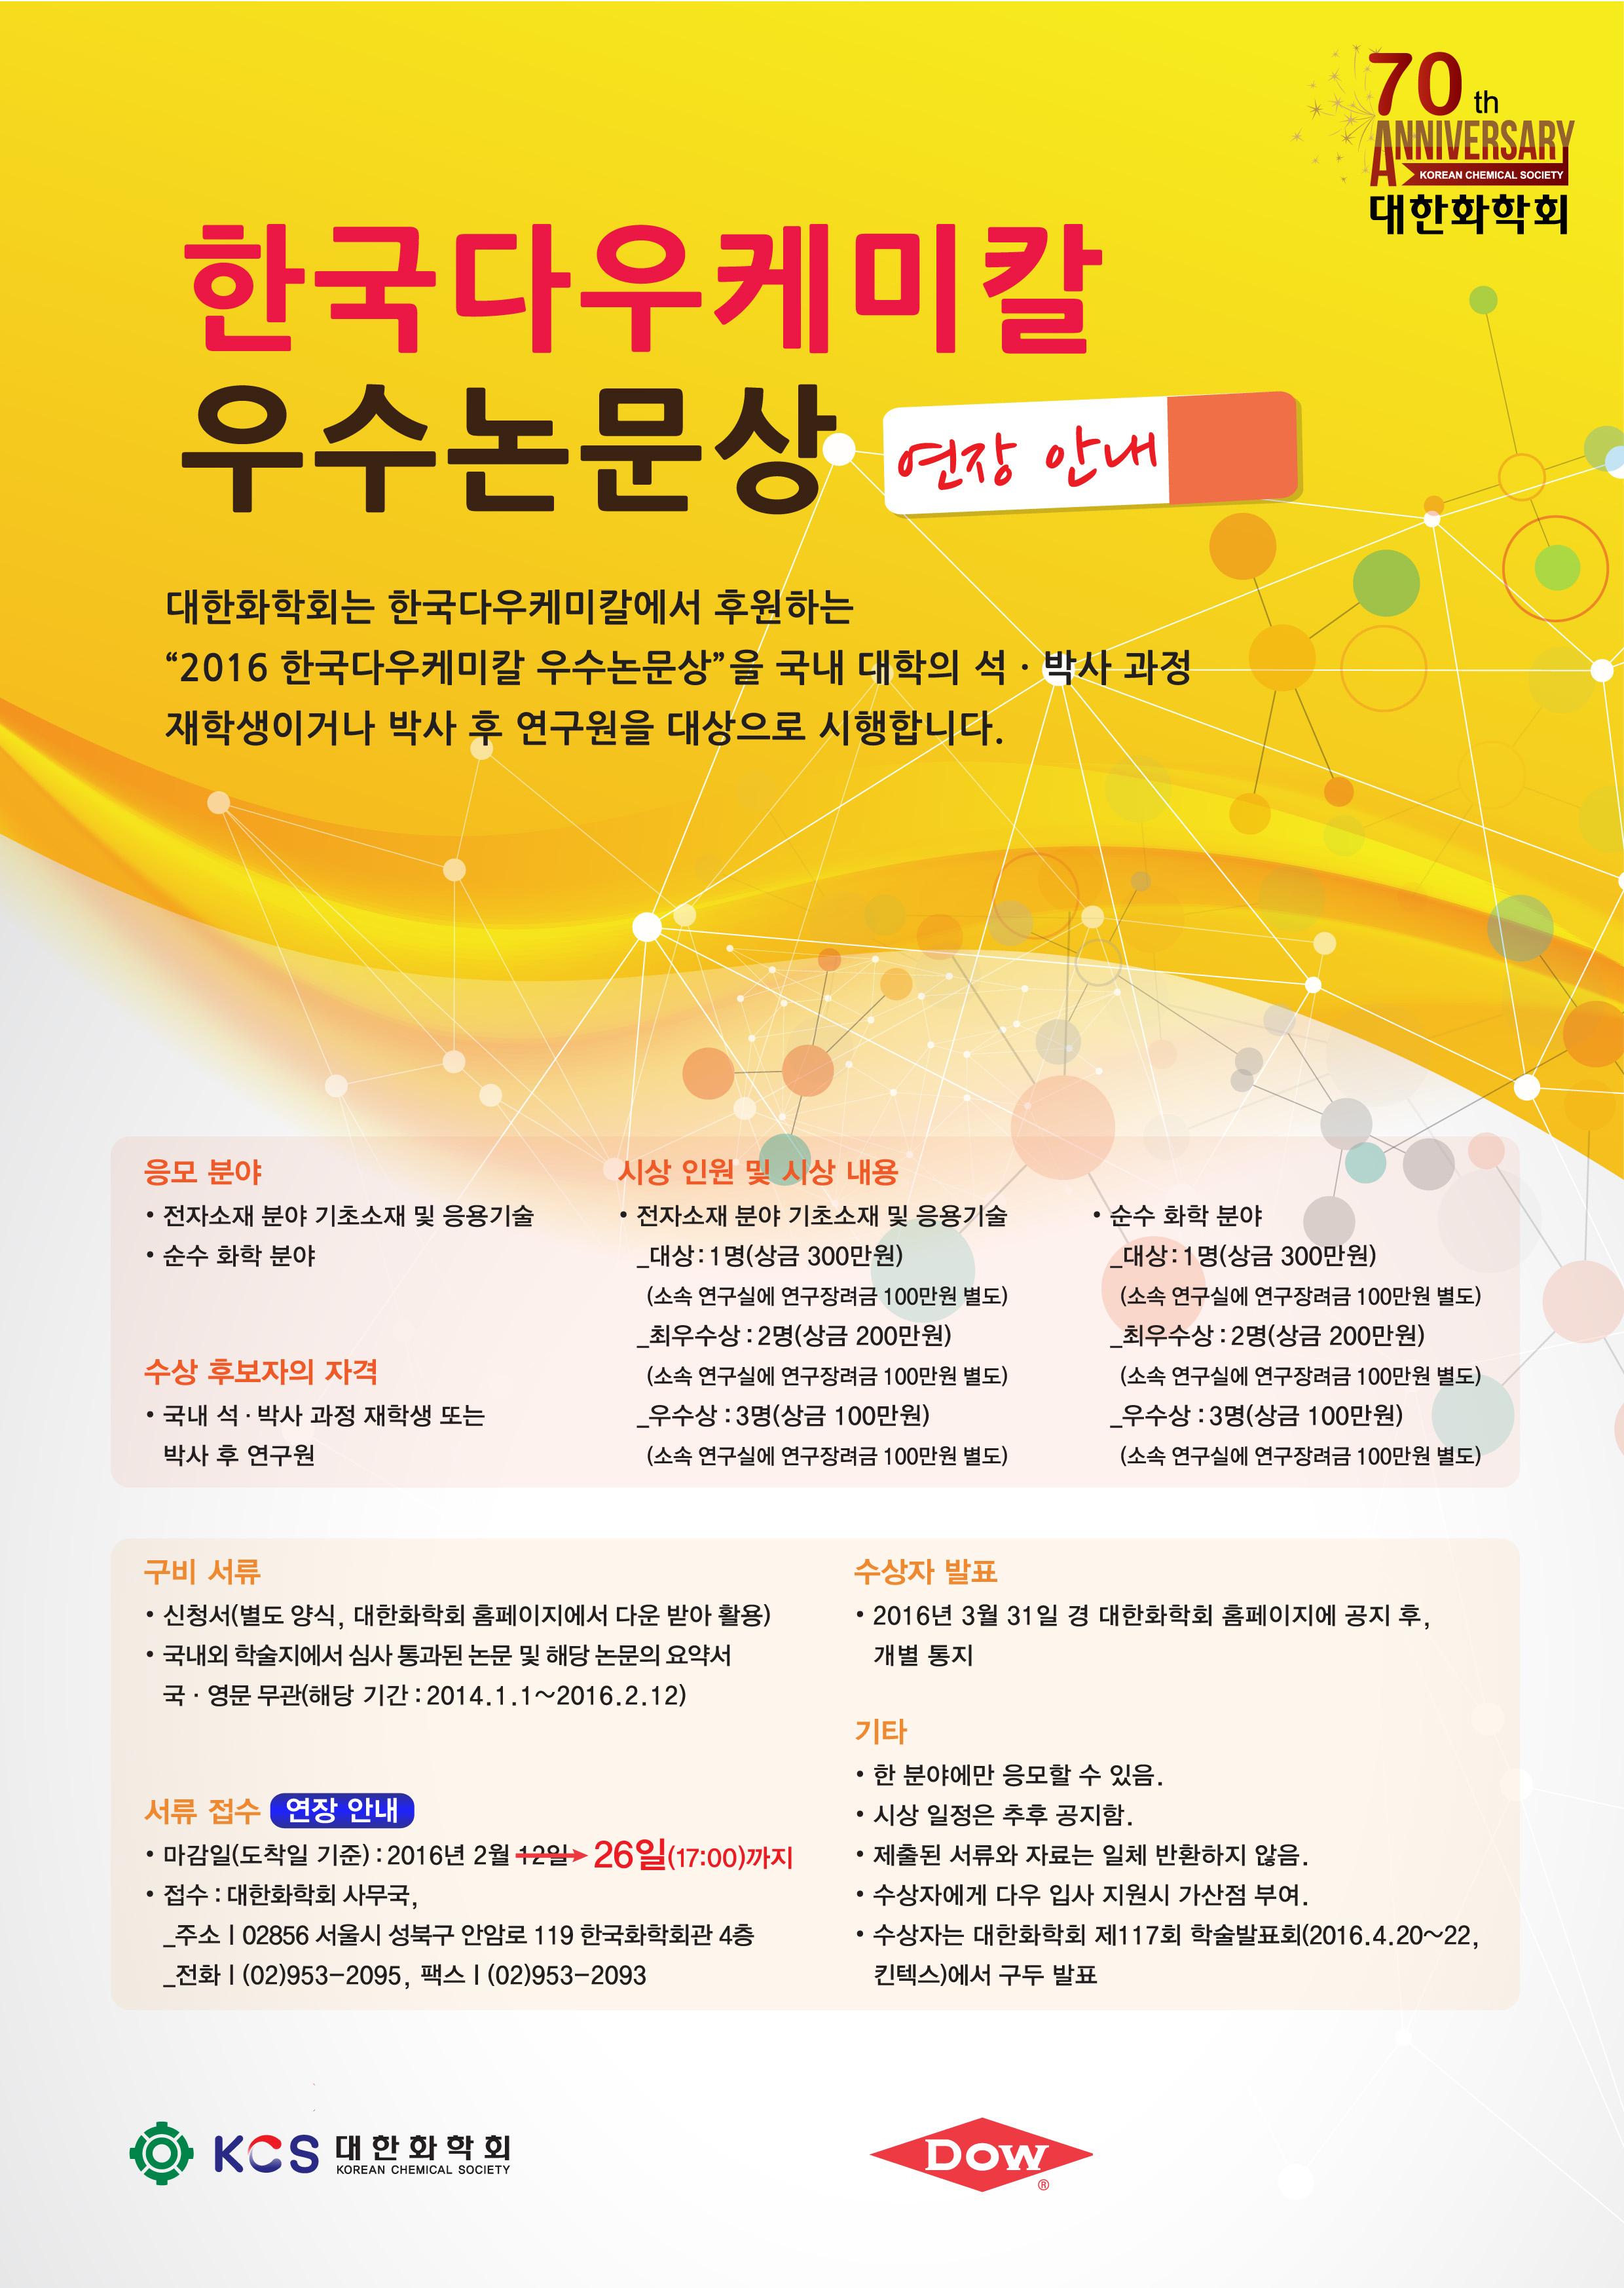 한국다우케미칼포스터-2016-연장.jpg